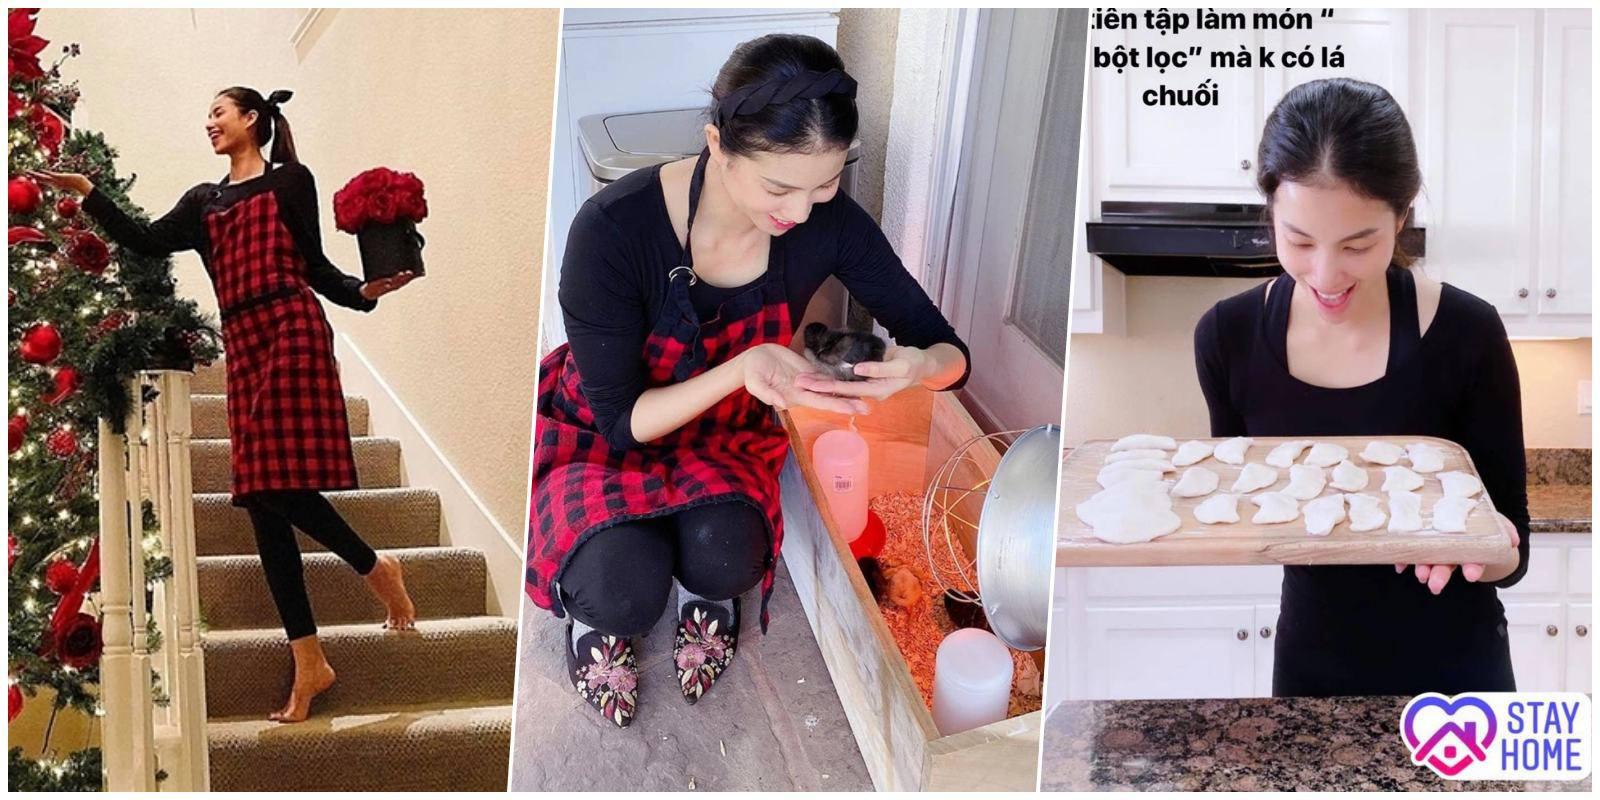 Khi Hoa hậu làm mẹ bỉm: Cất hết váy áo lộng lẫy, ở nhà mặc xoàng xĩnh nhận khó ra - ảnh 3